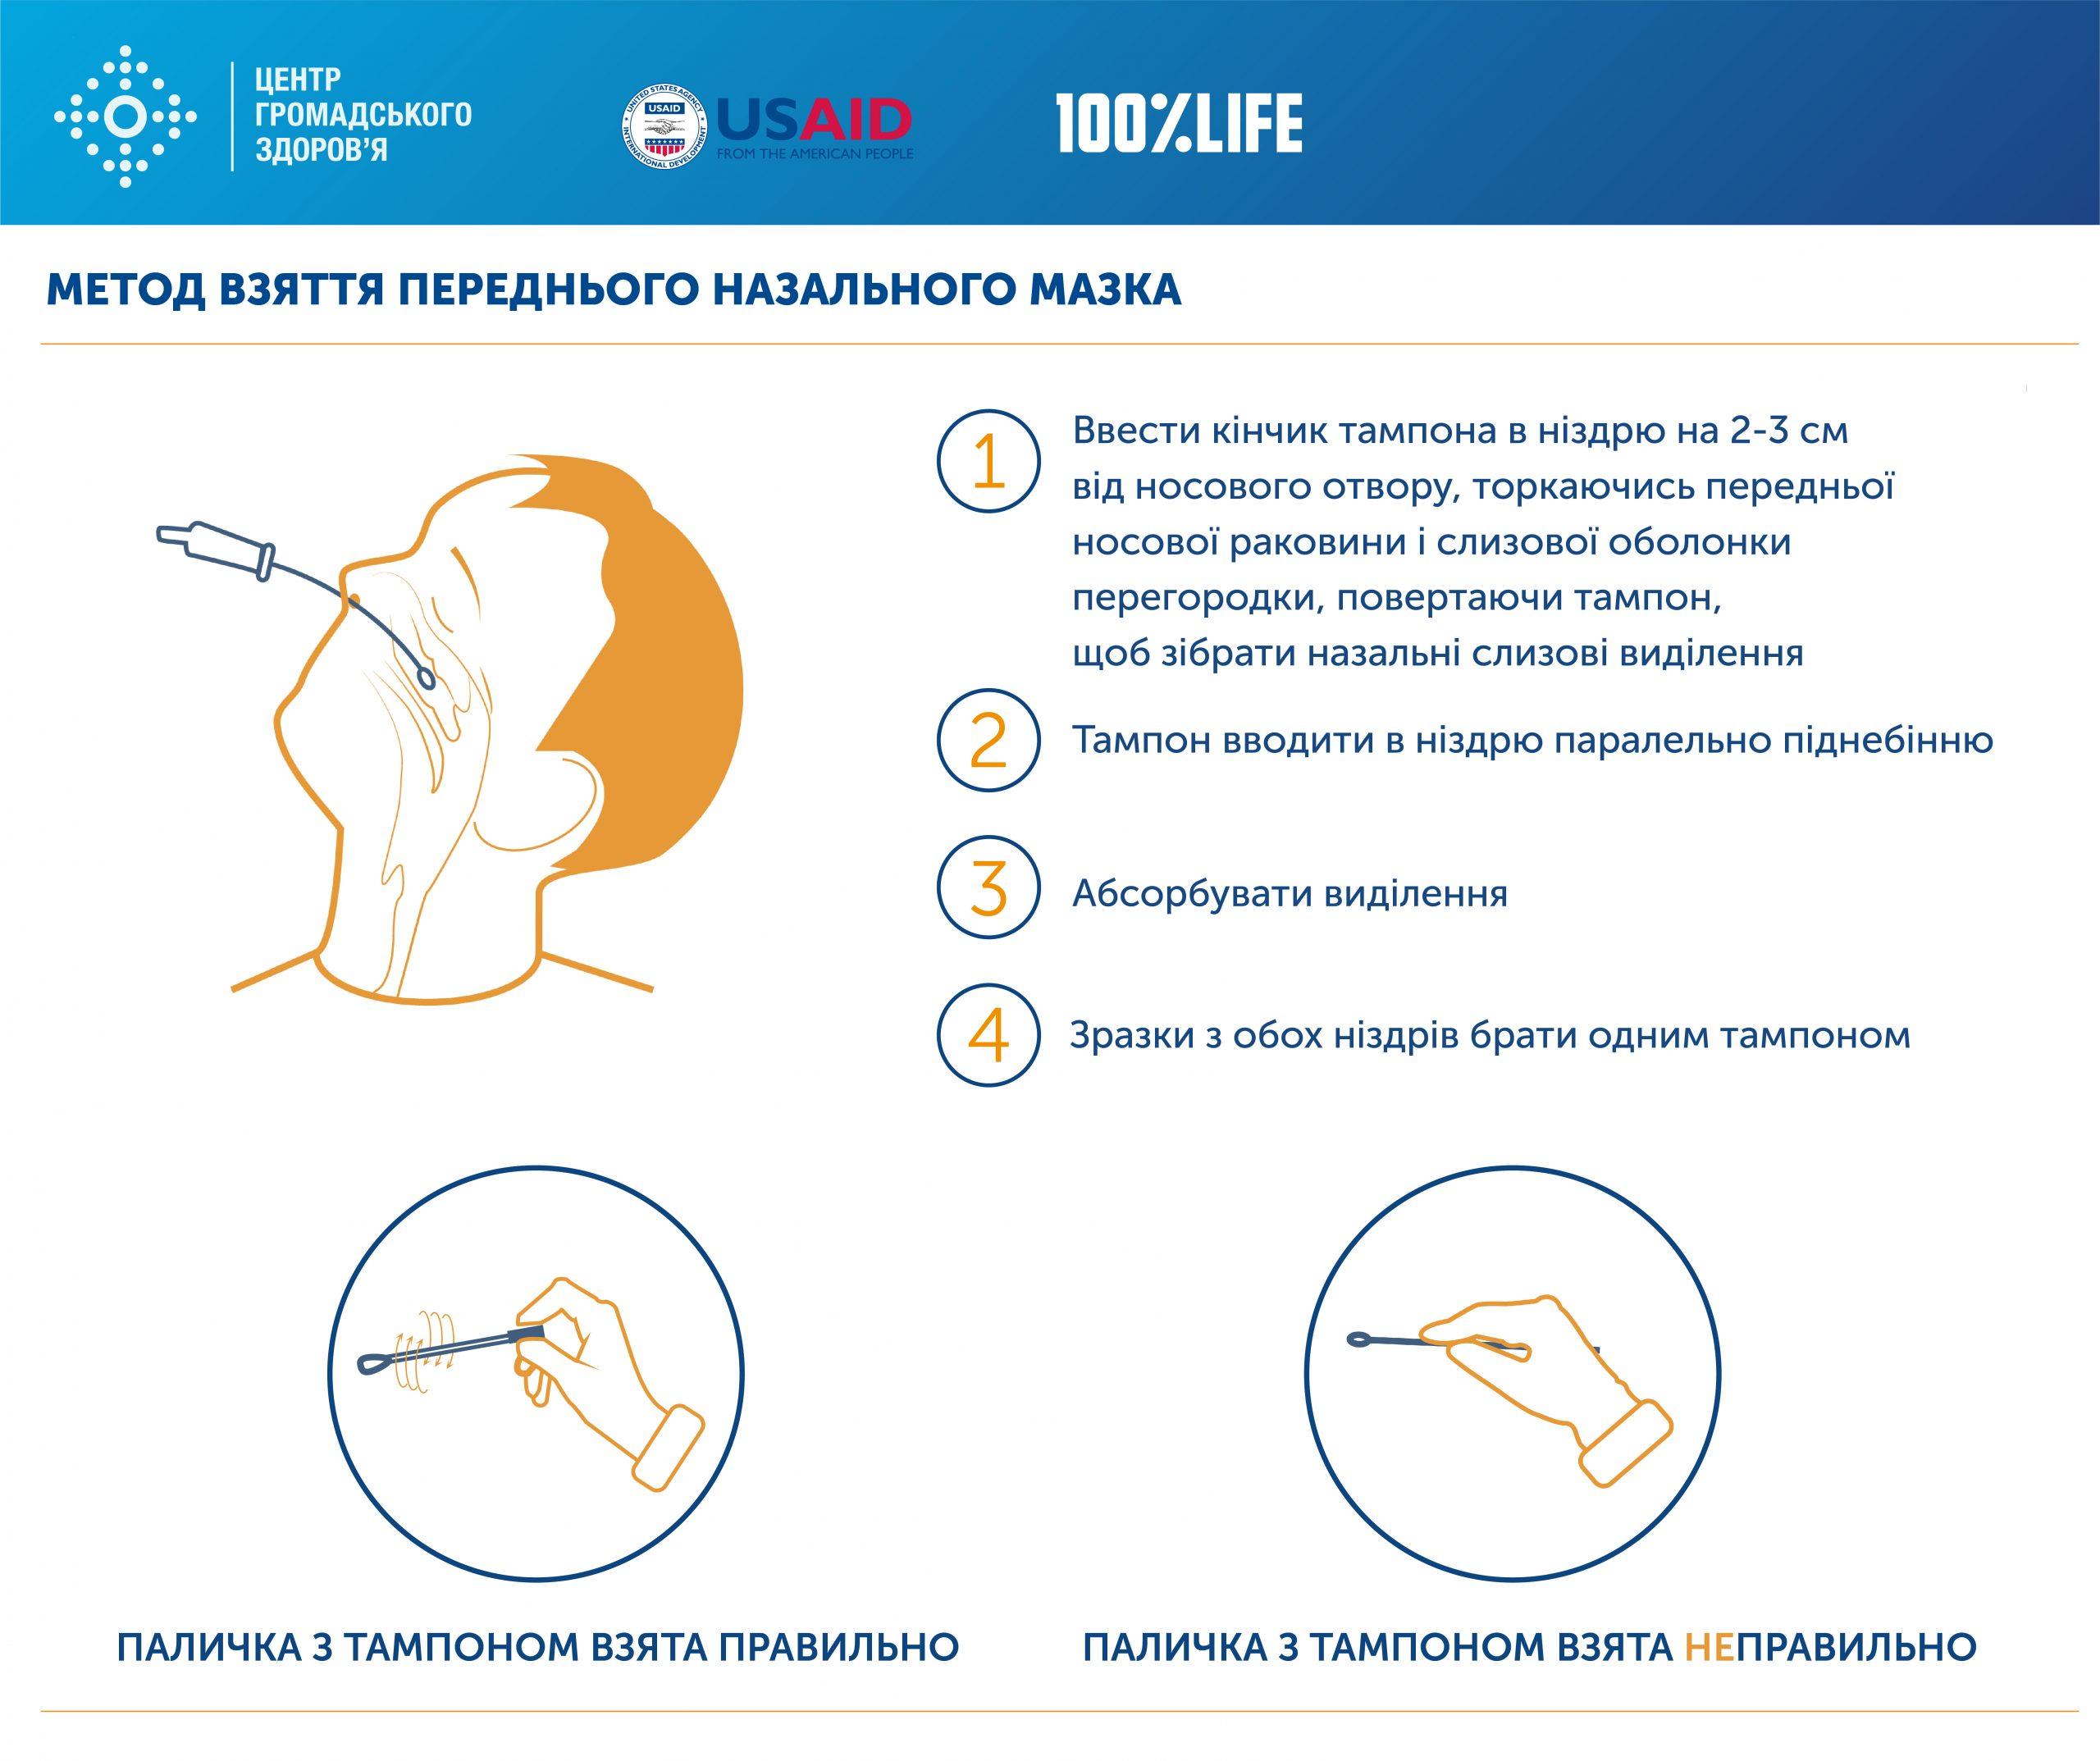 Метод взяття переднього нозального мазка